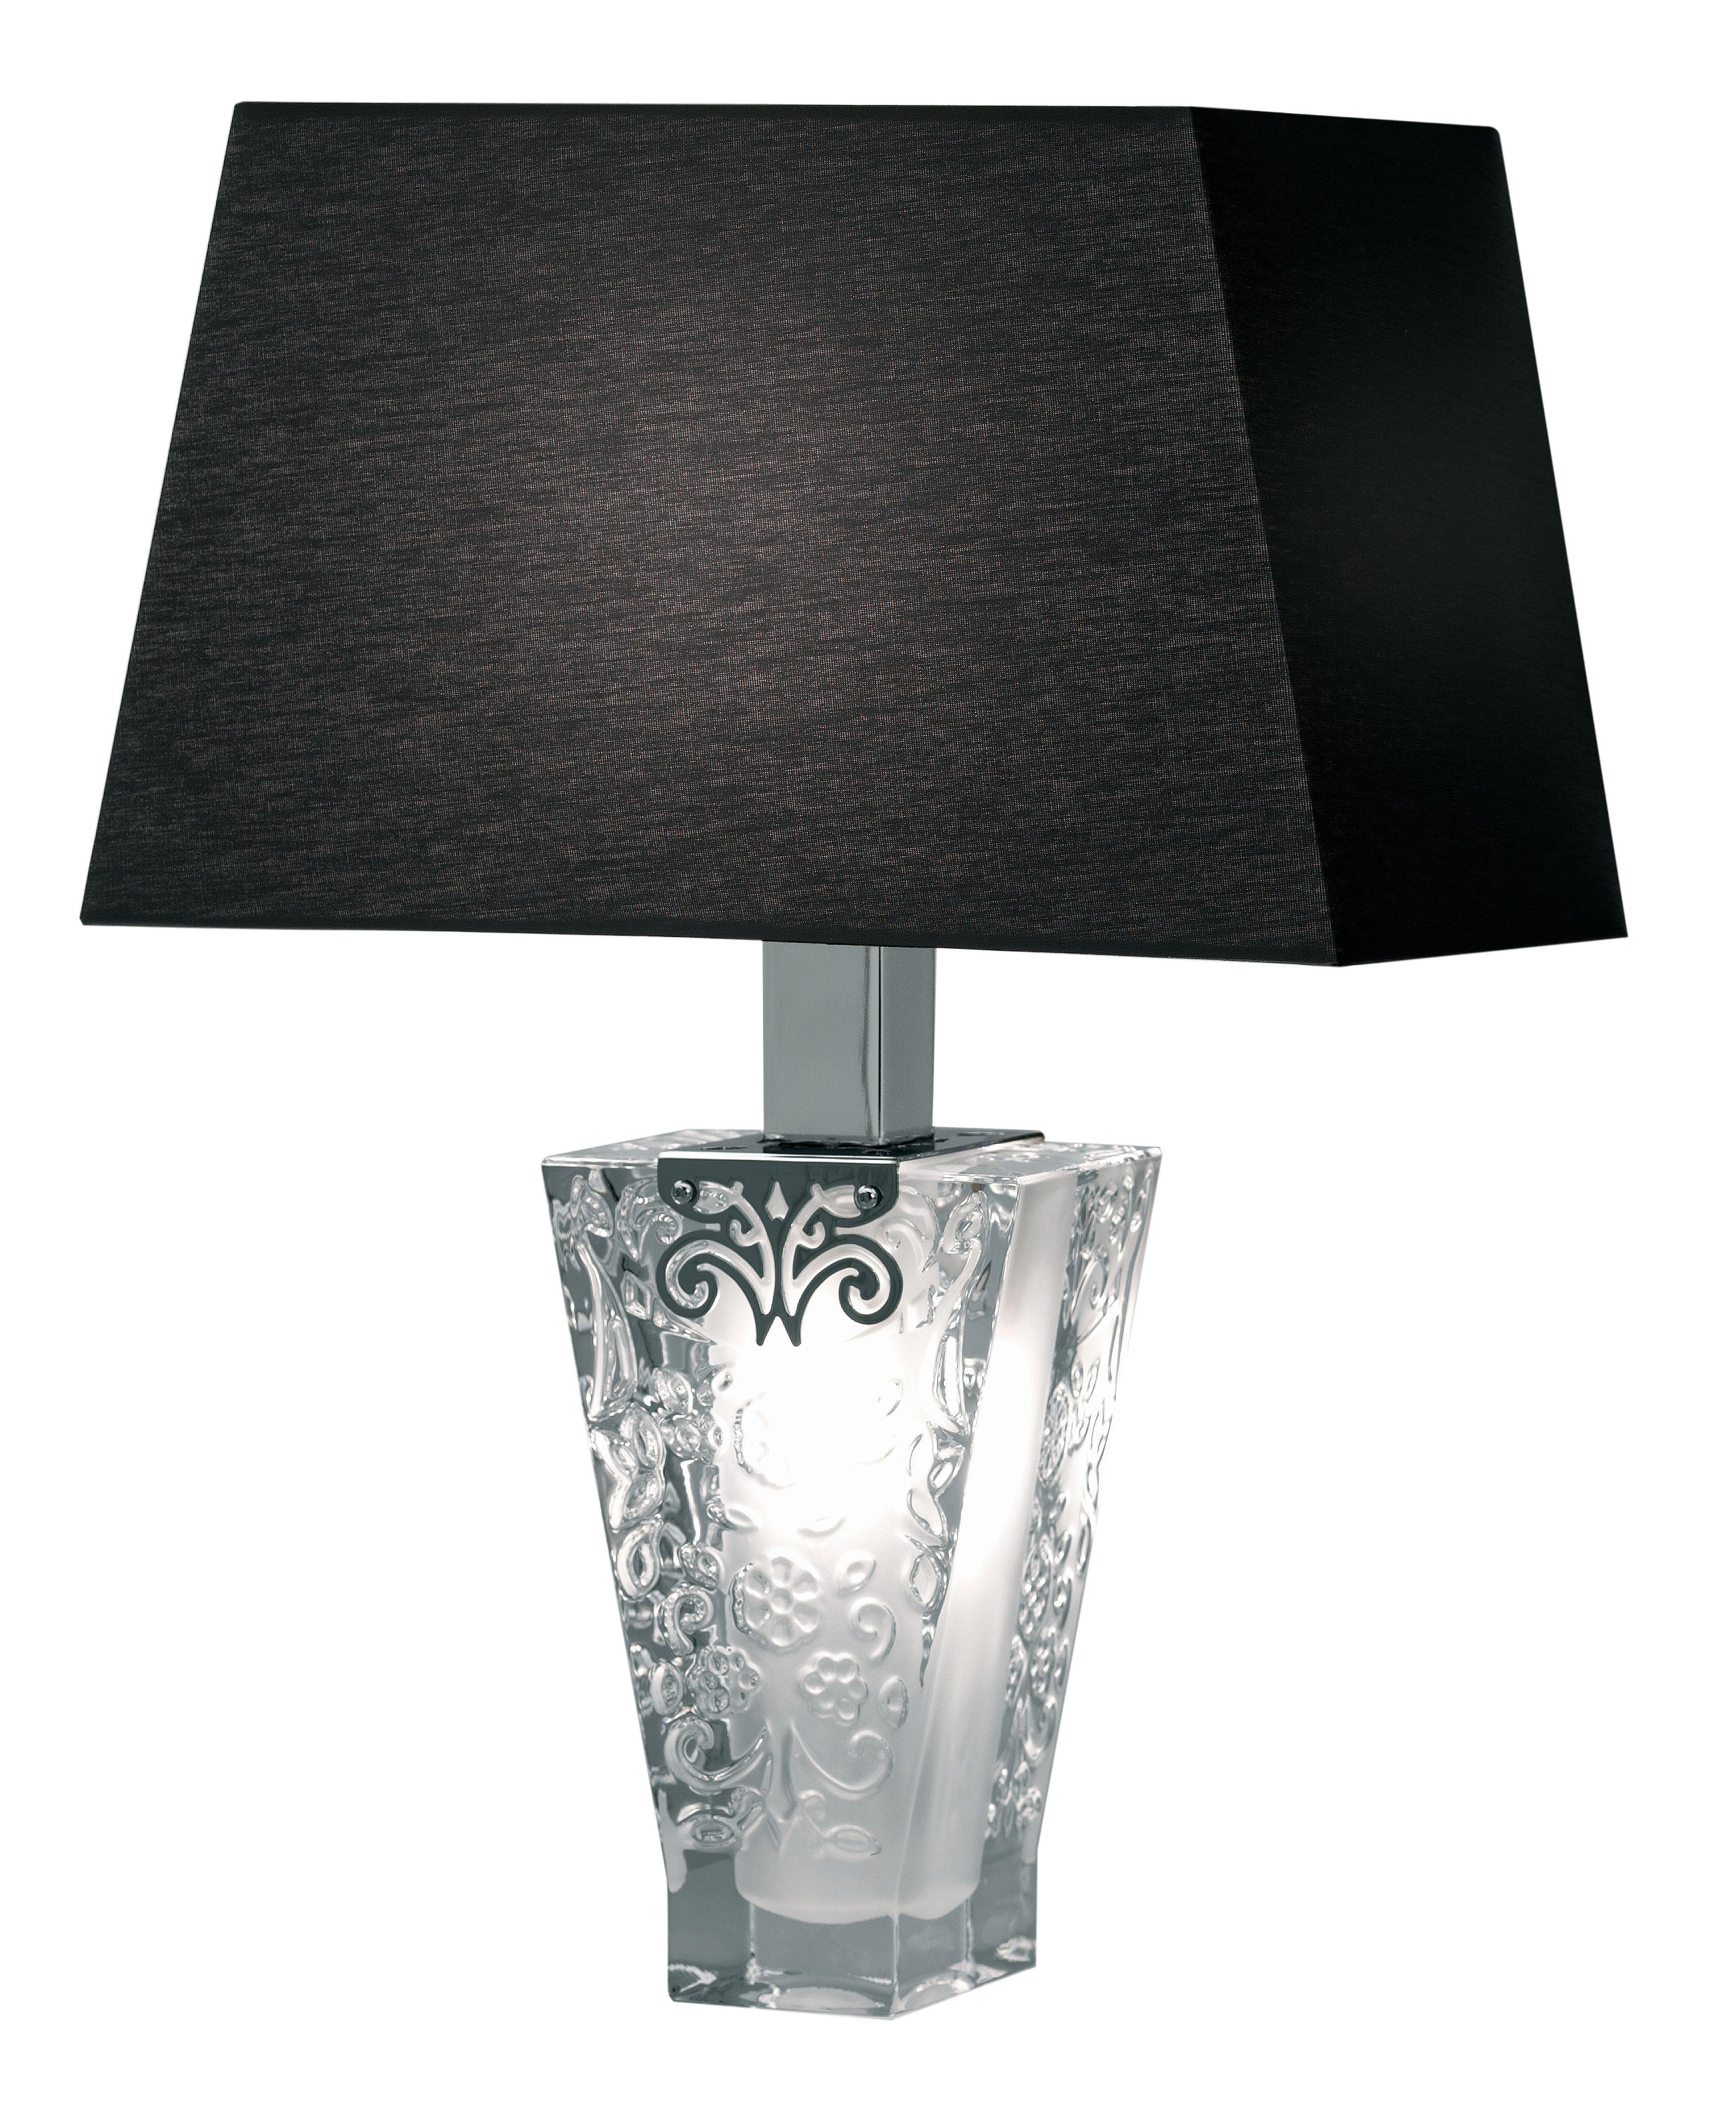 Illuminazione - Lampade da tavolo - Lampada da tavolo Vicky di Fabbian - Paralume nero - Cotone, Metallo cromato, Vetro